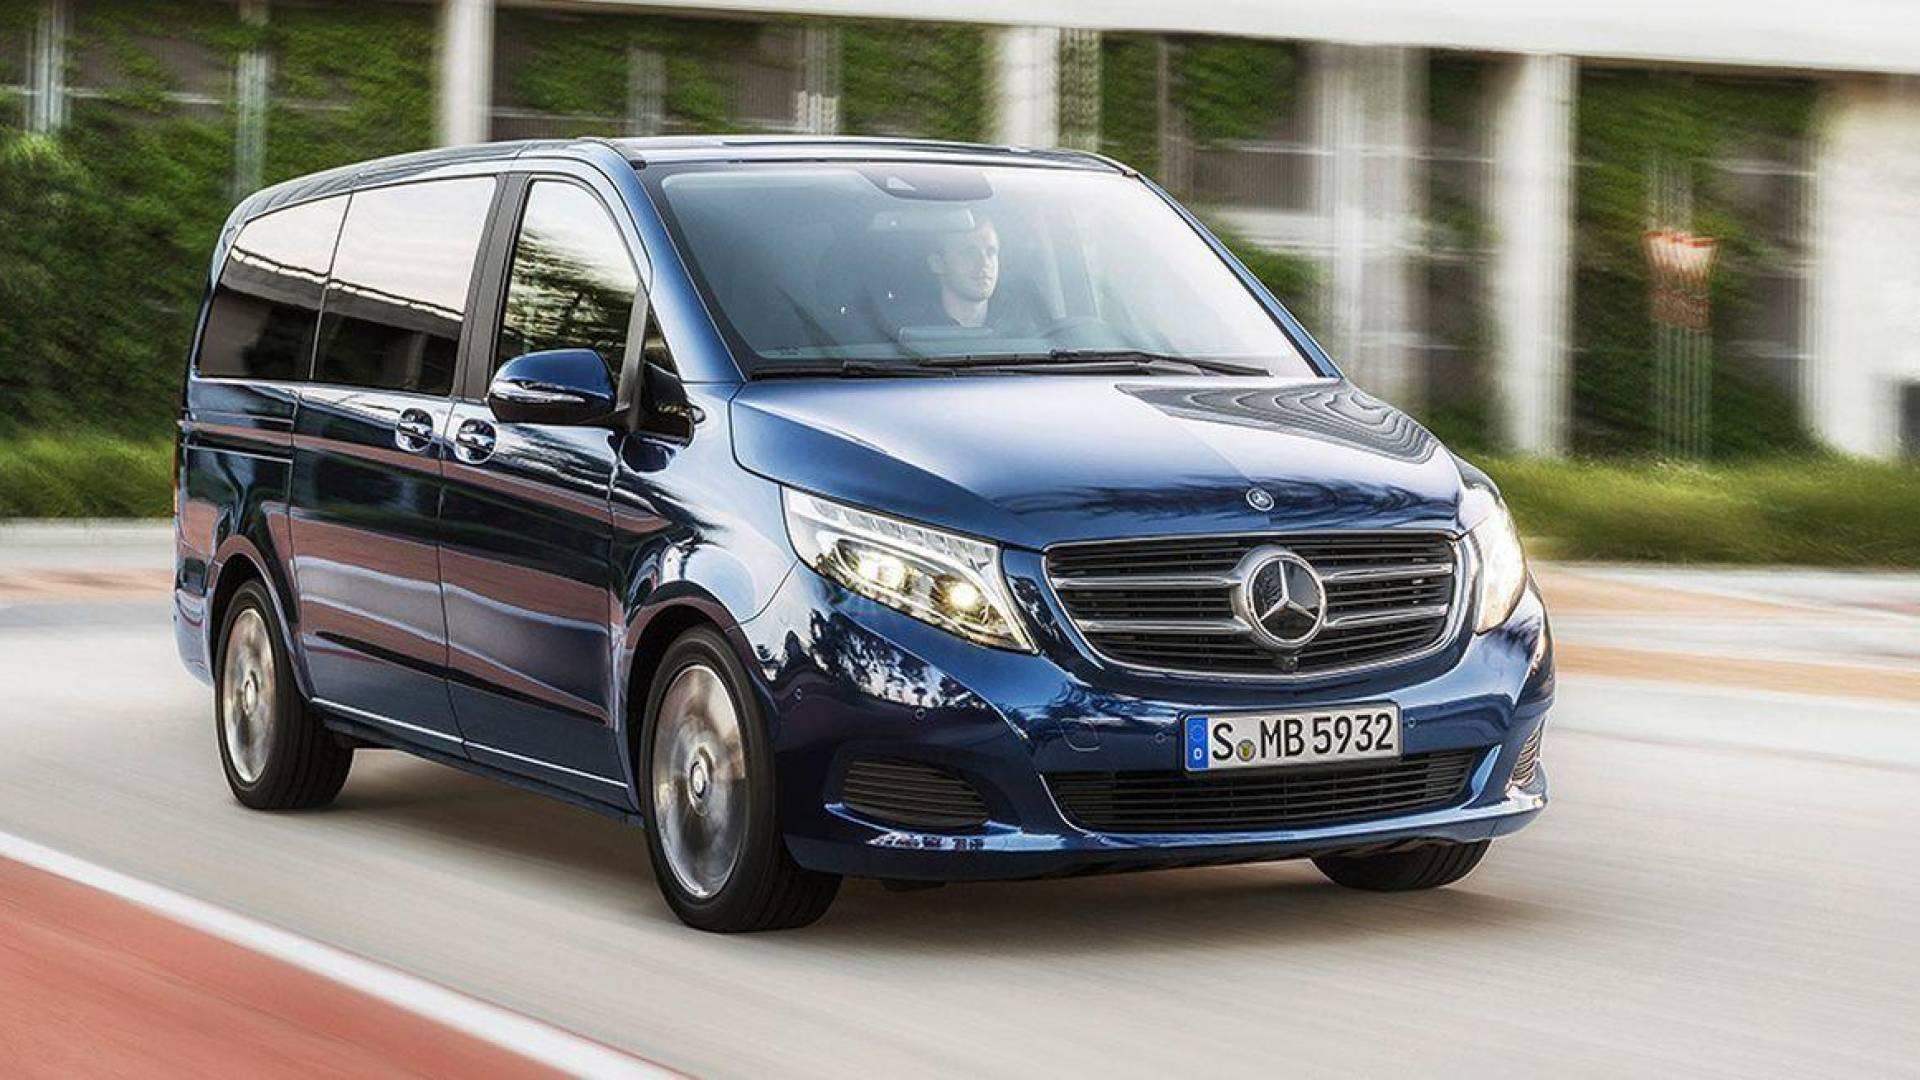 Souvent Mercedes Clase V: precios, prueba, ficha técnica, fotos y noticias  LT75